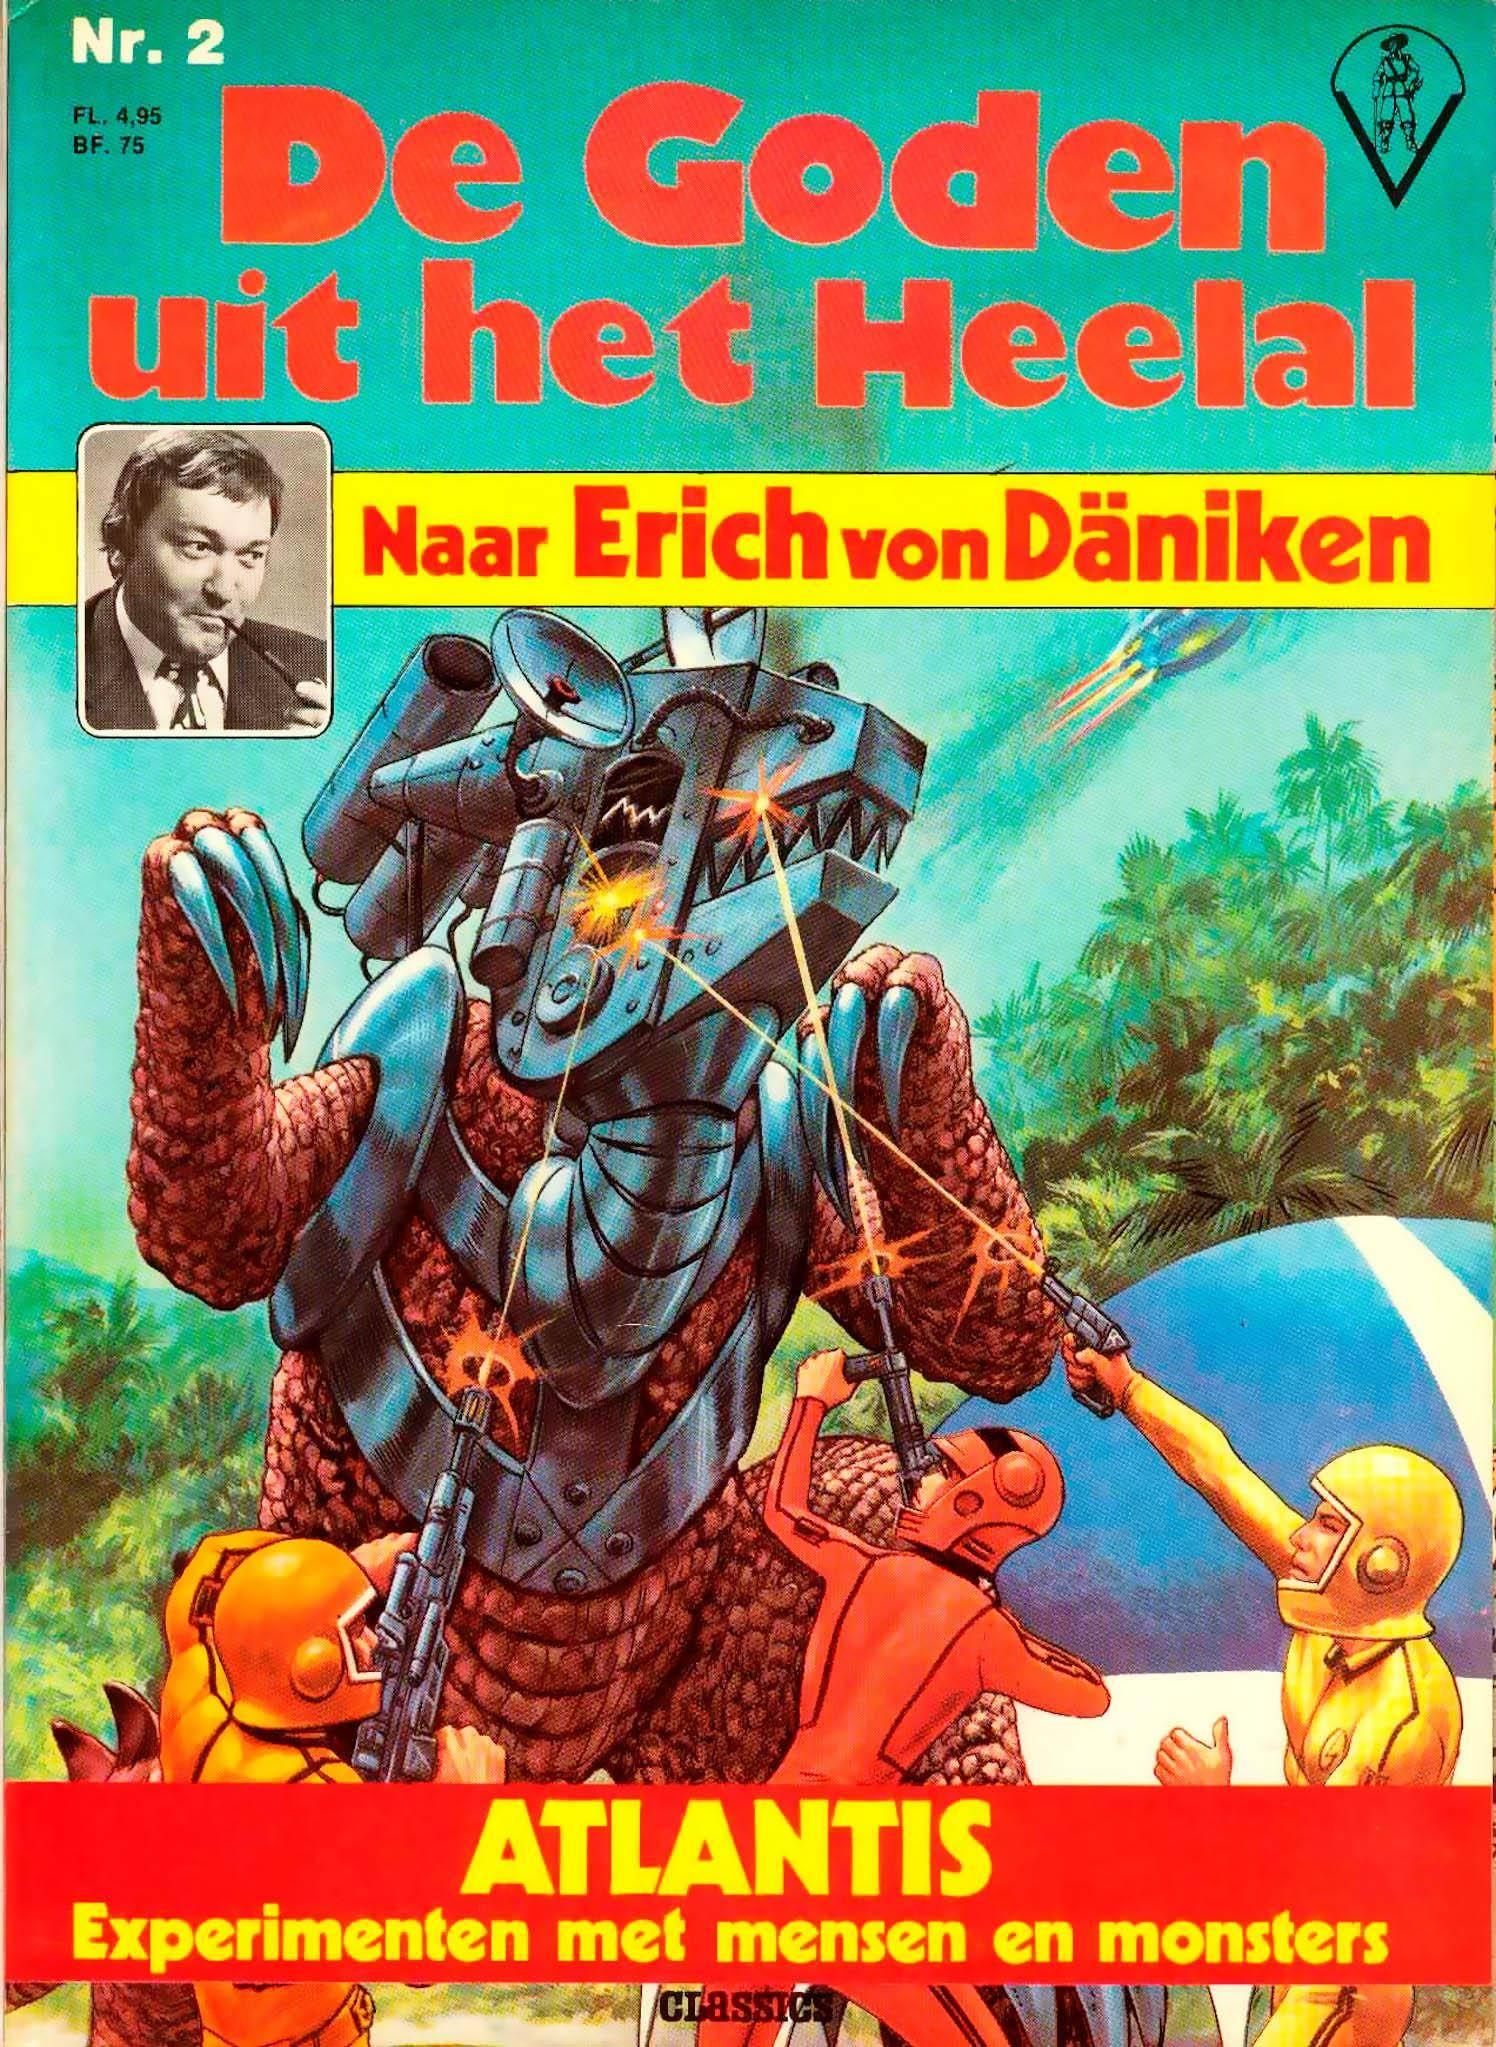 Erich van Daniken - De Goden uit het Heelal - Atlantis cbr